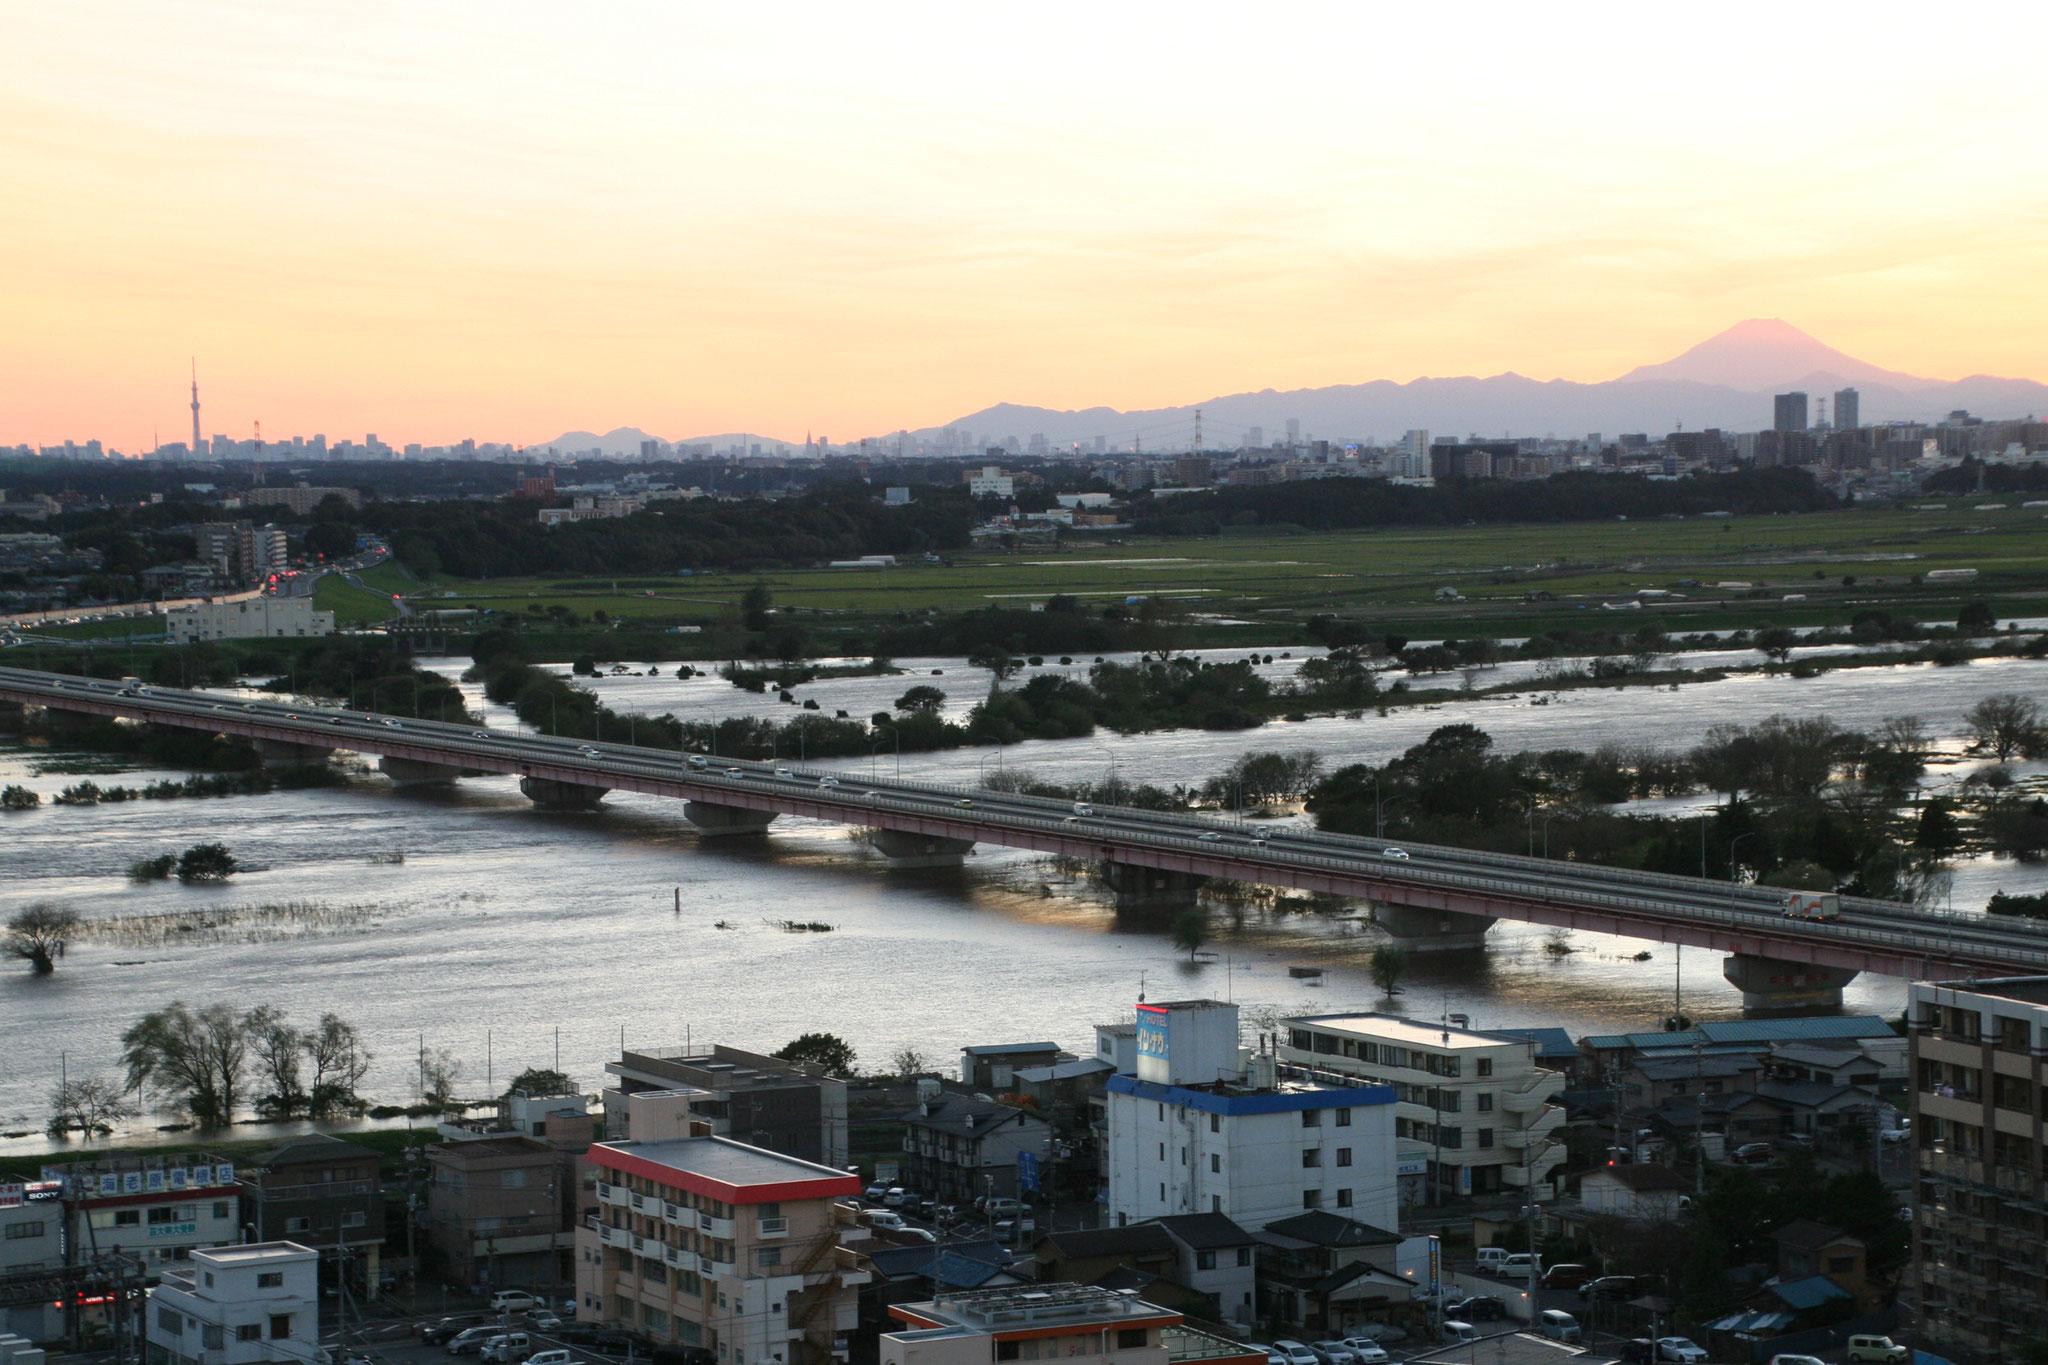 増水した利根川と富士と並んでスカイツリー